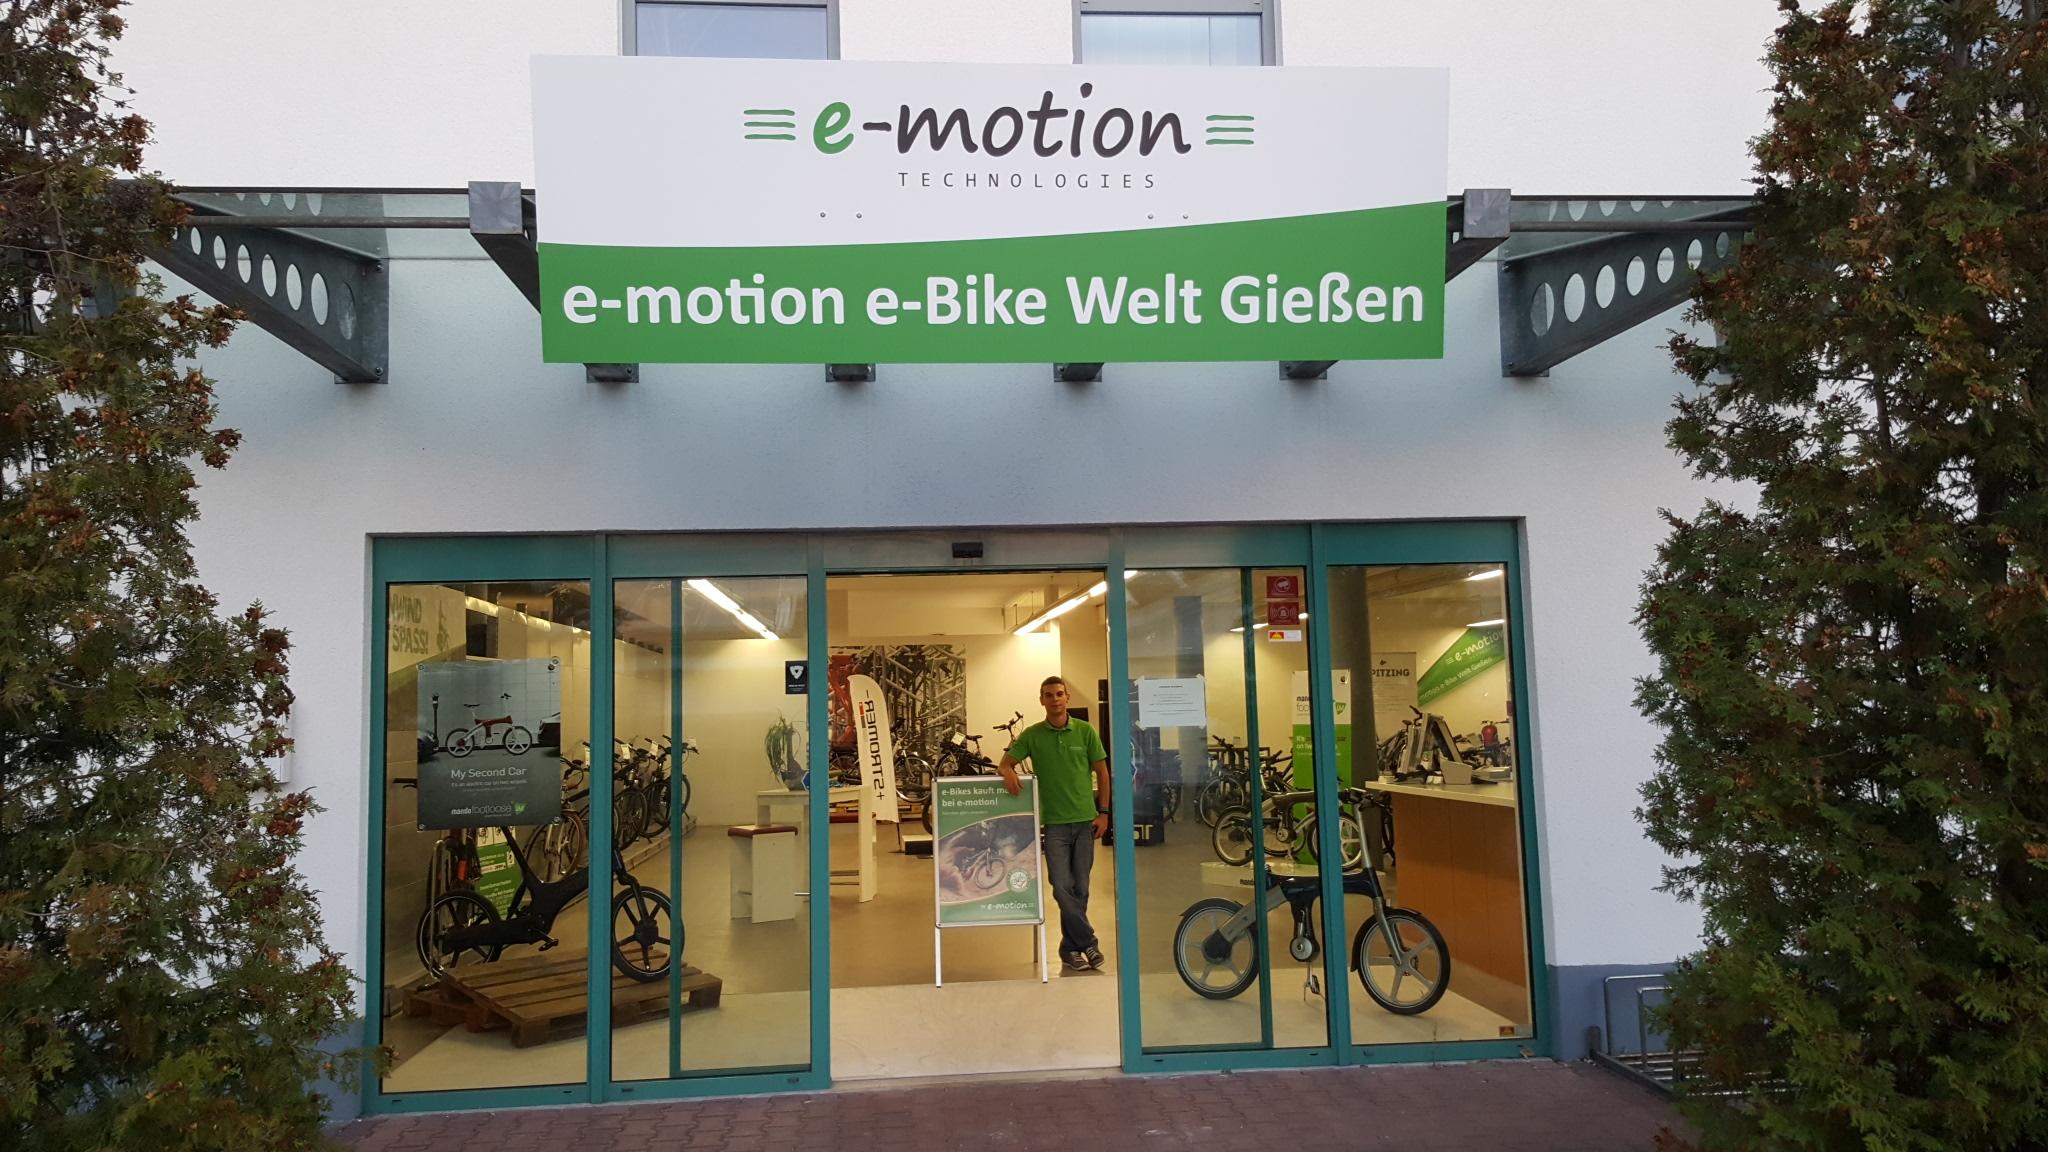 e-motion e-Bike Welt Gießen: e-Bikes, Pedelecs und Elektrofahrräder vom Experten